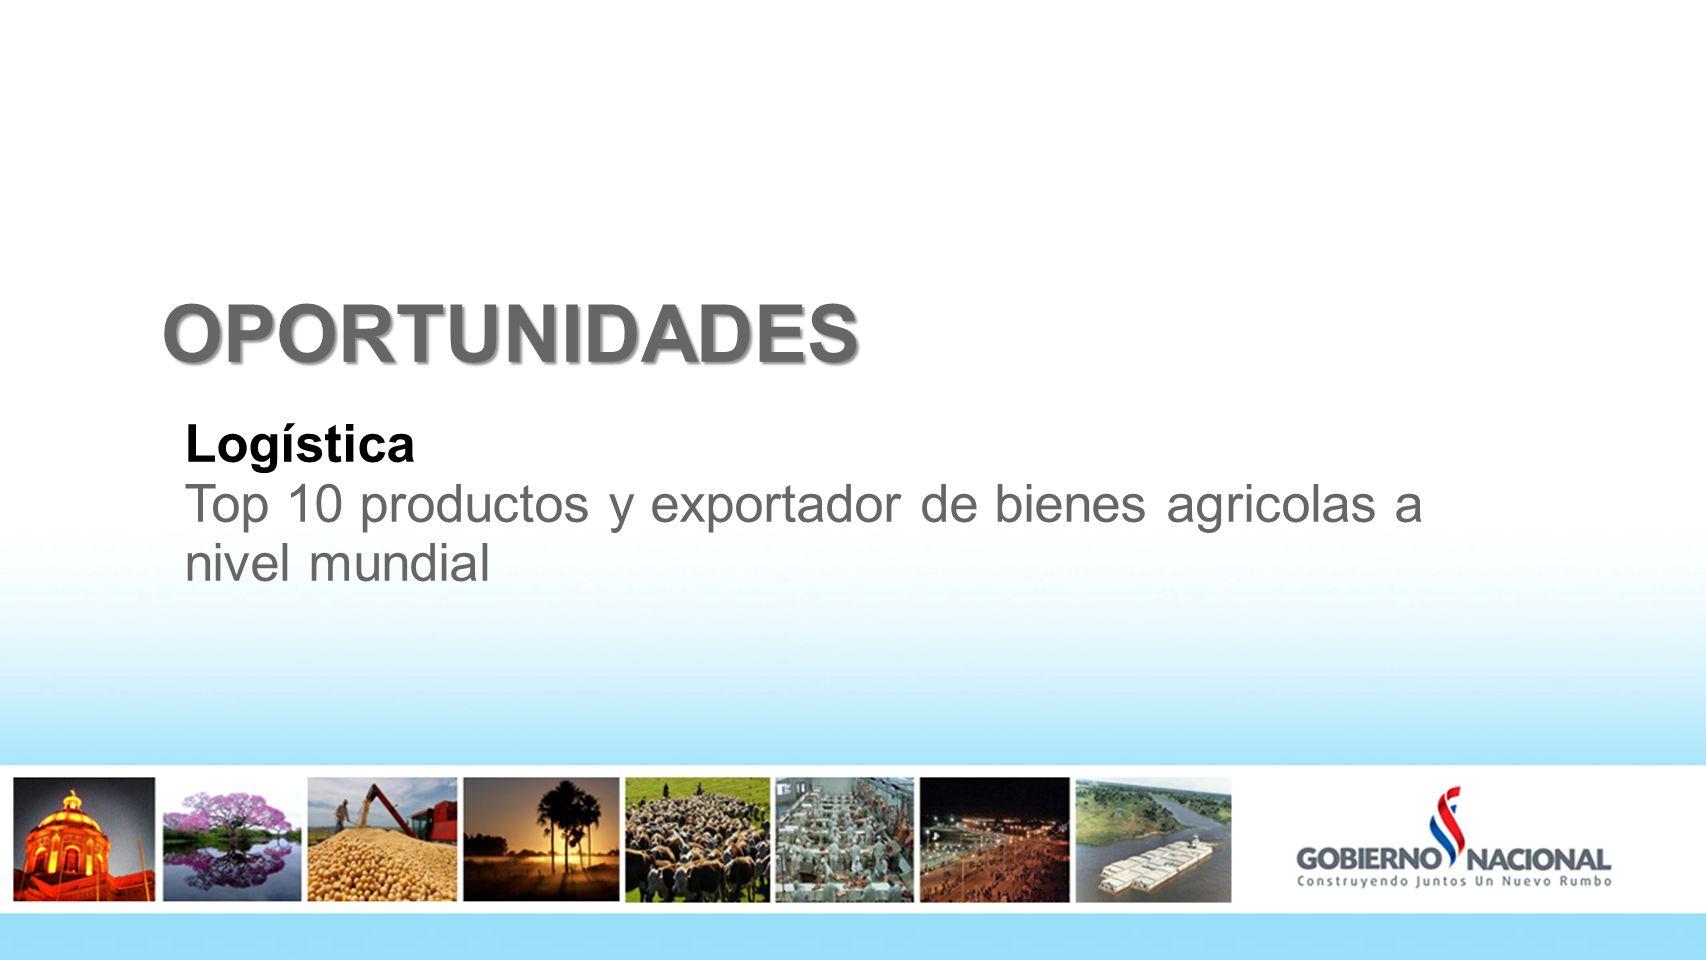 OPORTUNIDADES Logística Top 10 productos y exportador de bienes agricolas a nivel mundial